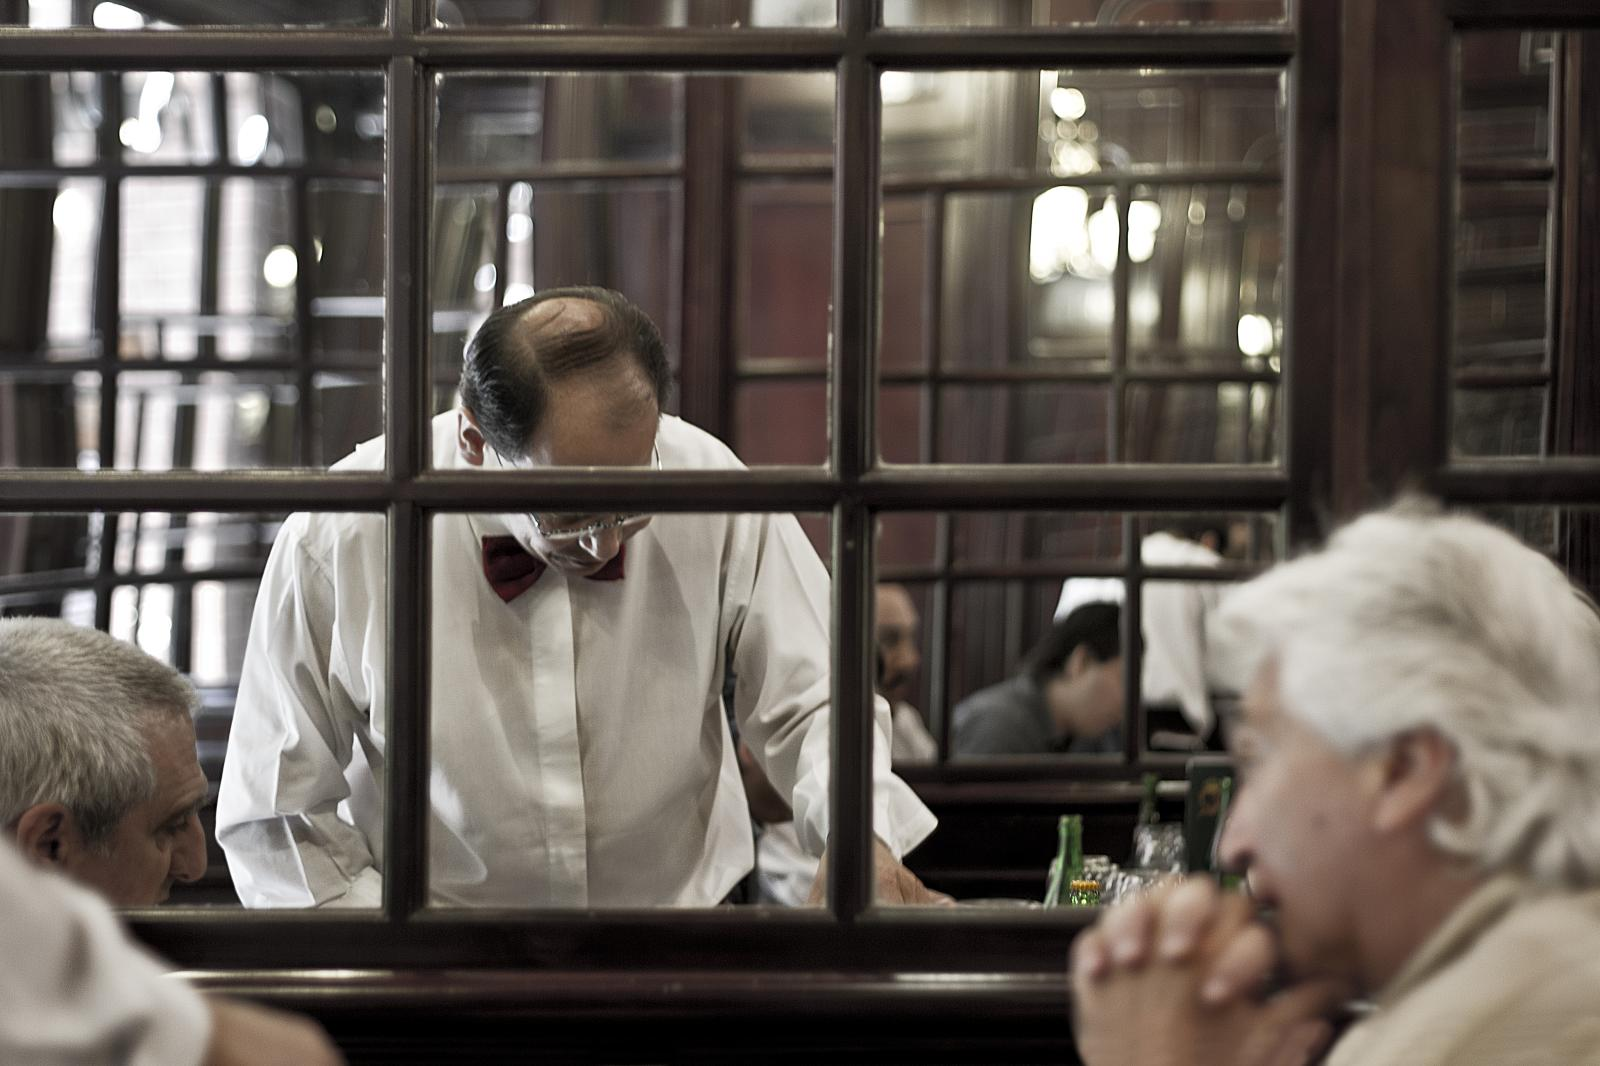 el camarero de la ventana